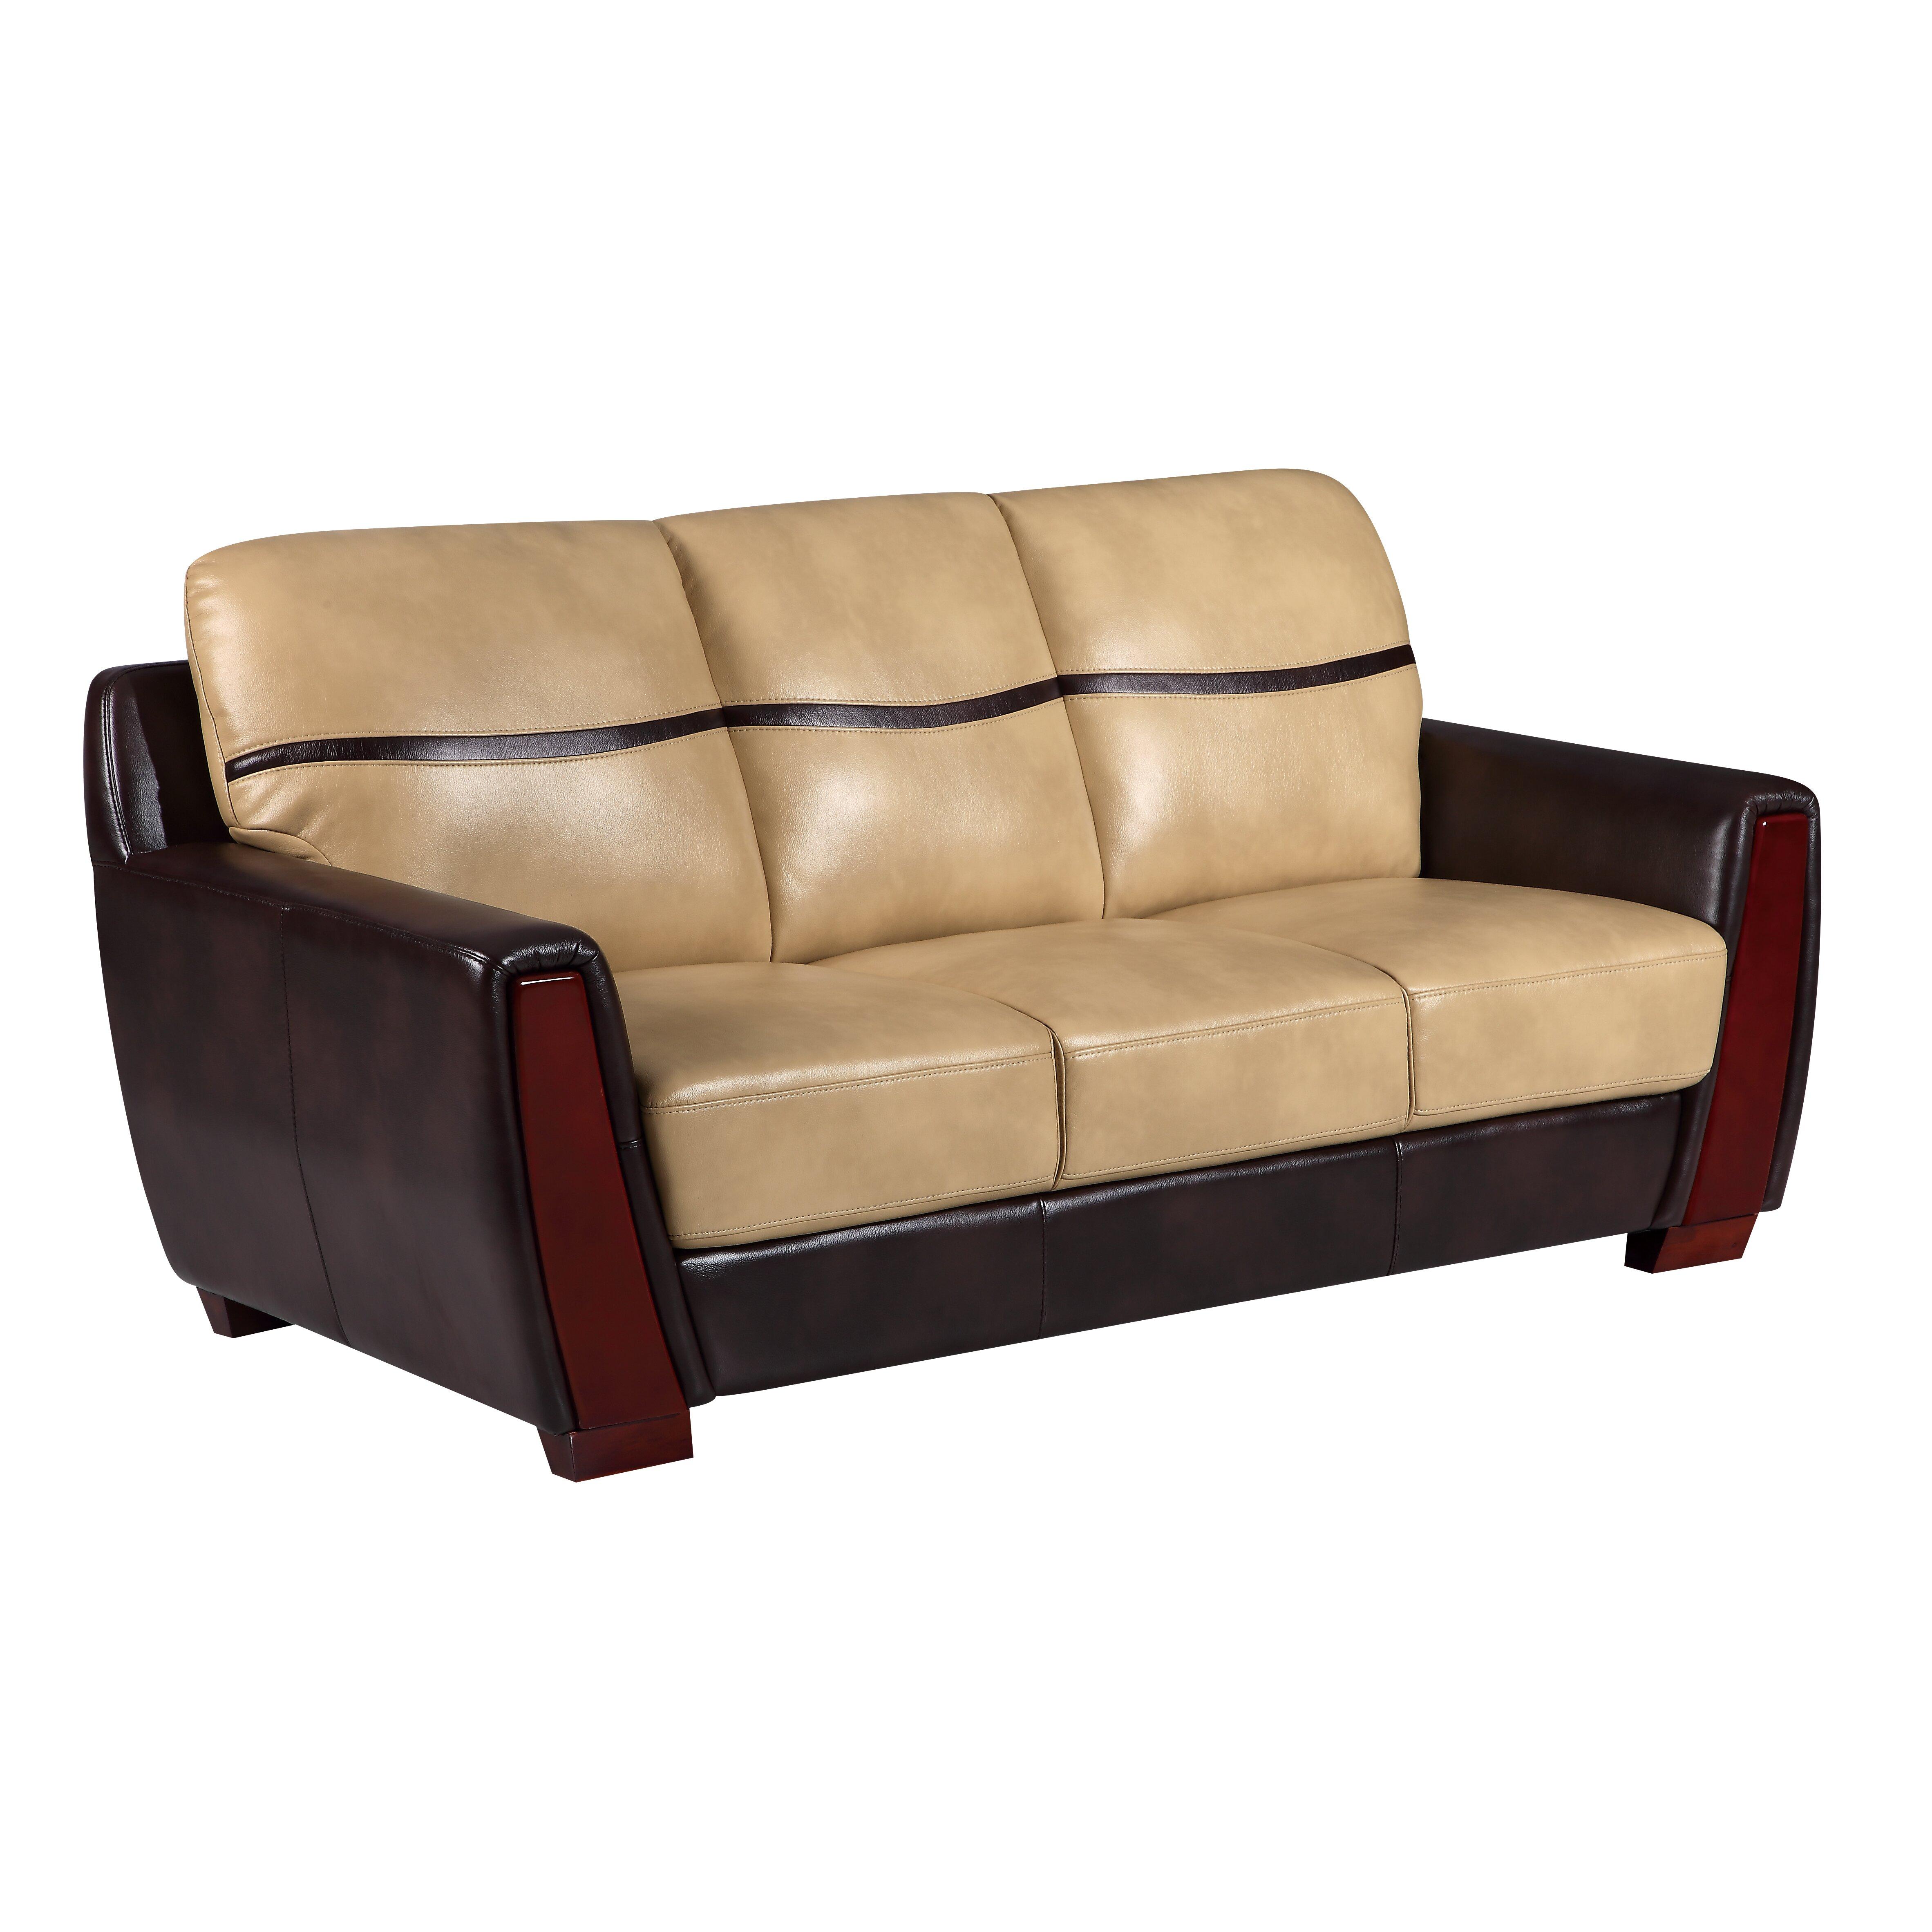 Global furniture usa pluto sofa wayfair for Buy sofa online usa